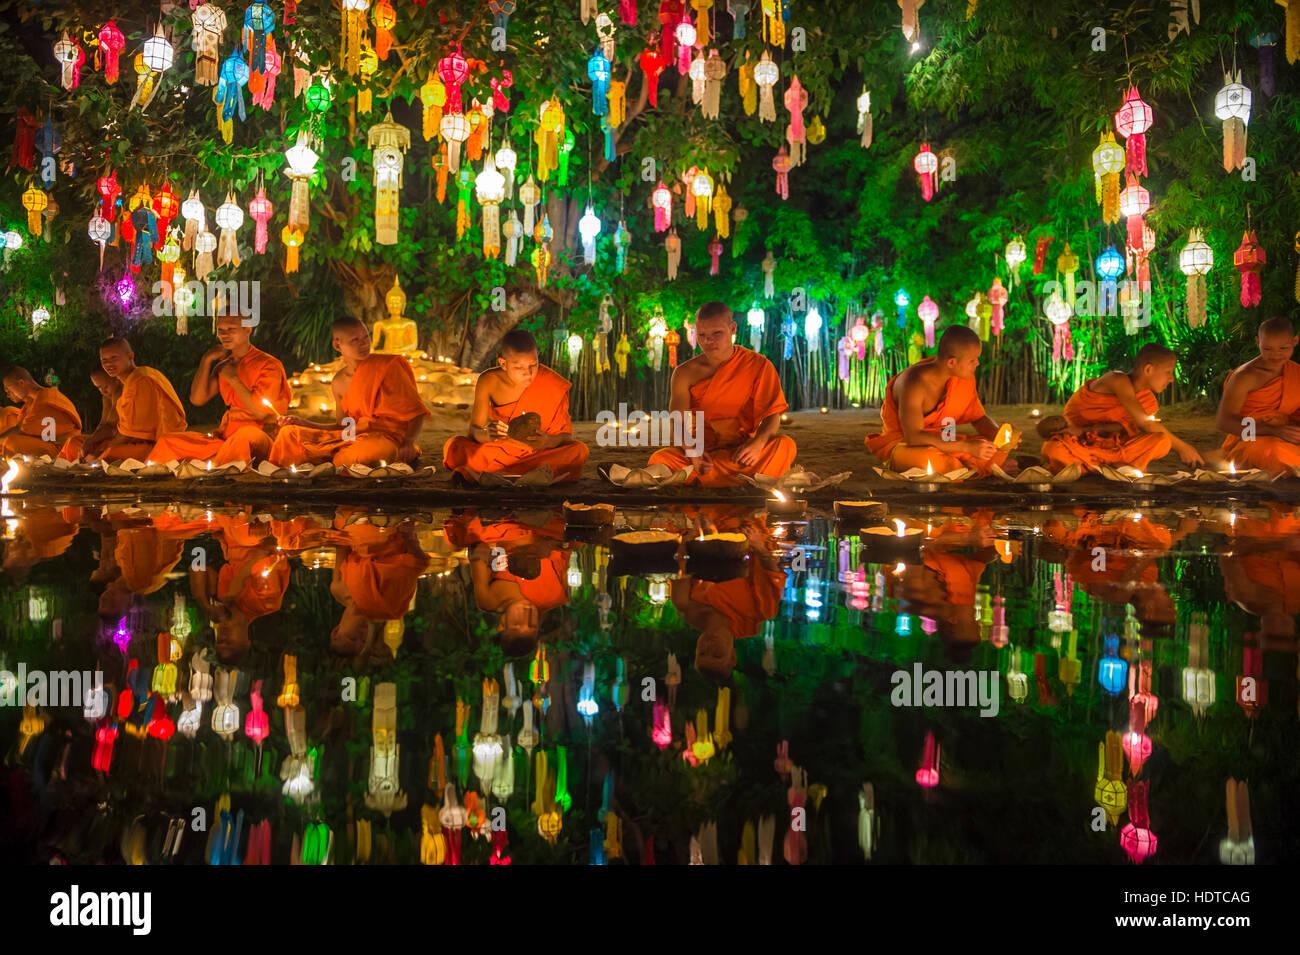 CHIANG MAI, THAÏLANDE - 06 NOVEMBRE 2014: les jeunes moines bouddhistes méditant assis à un Photo Stock